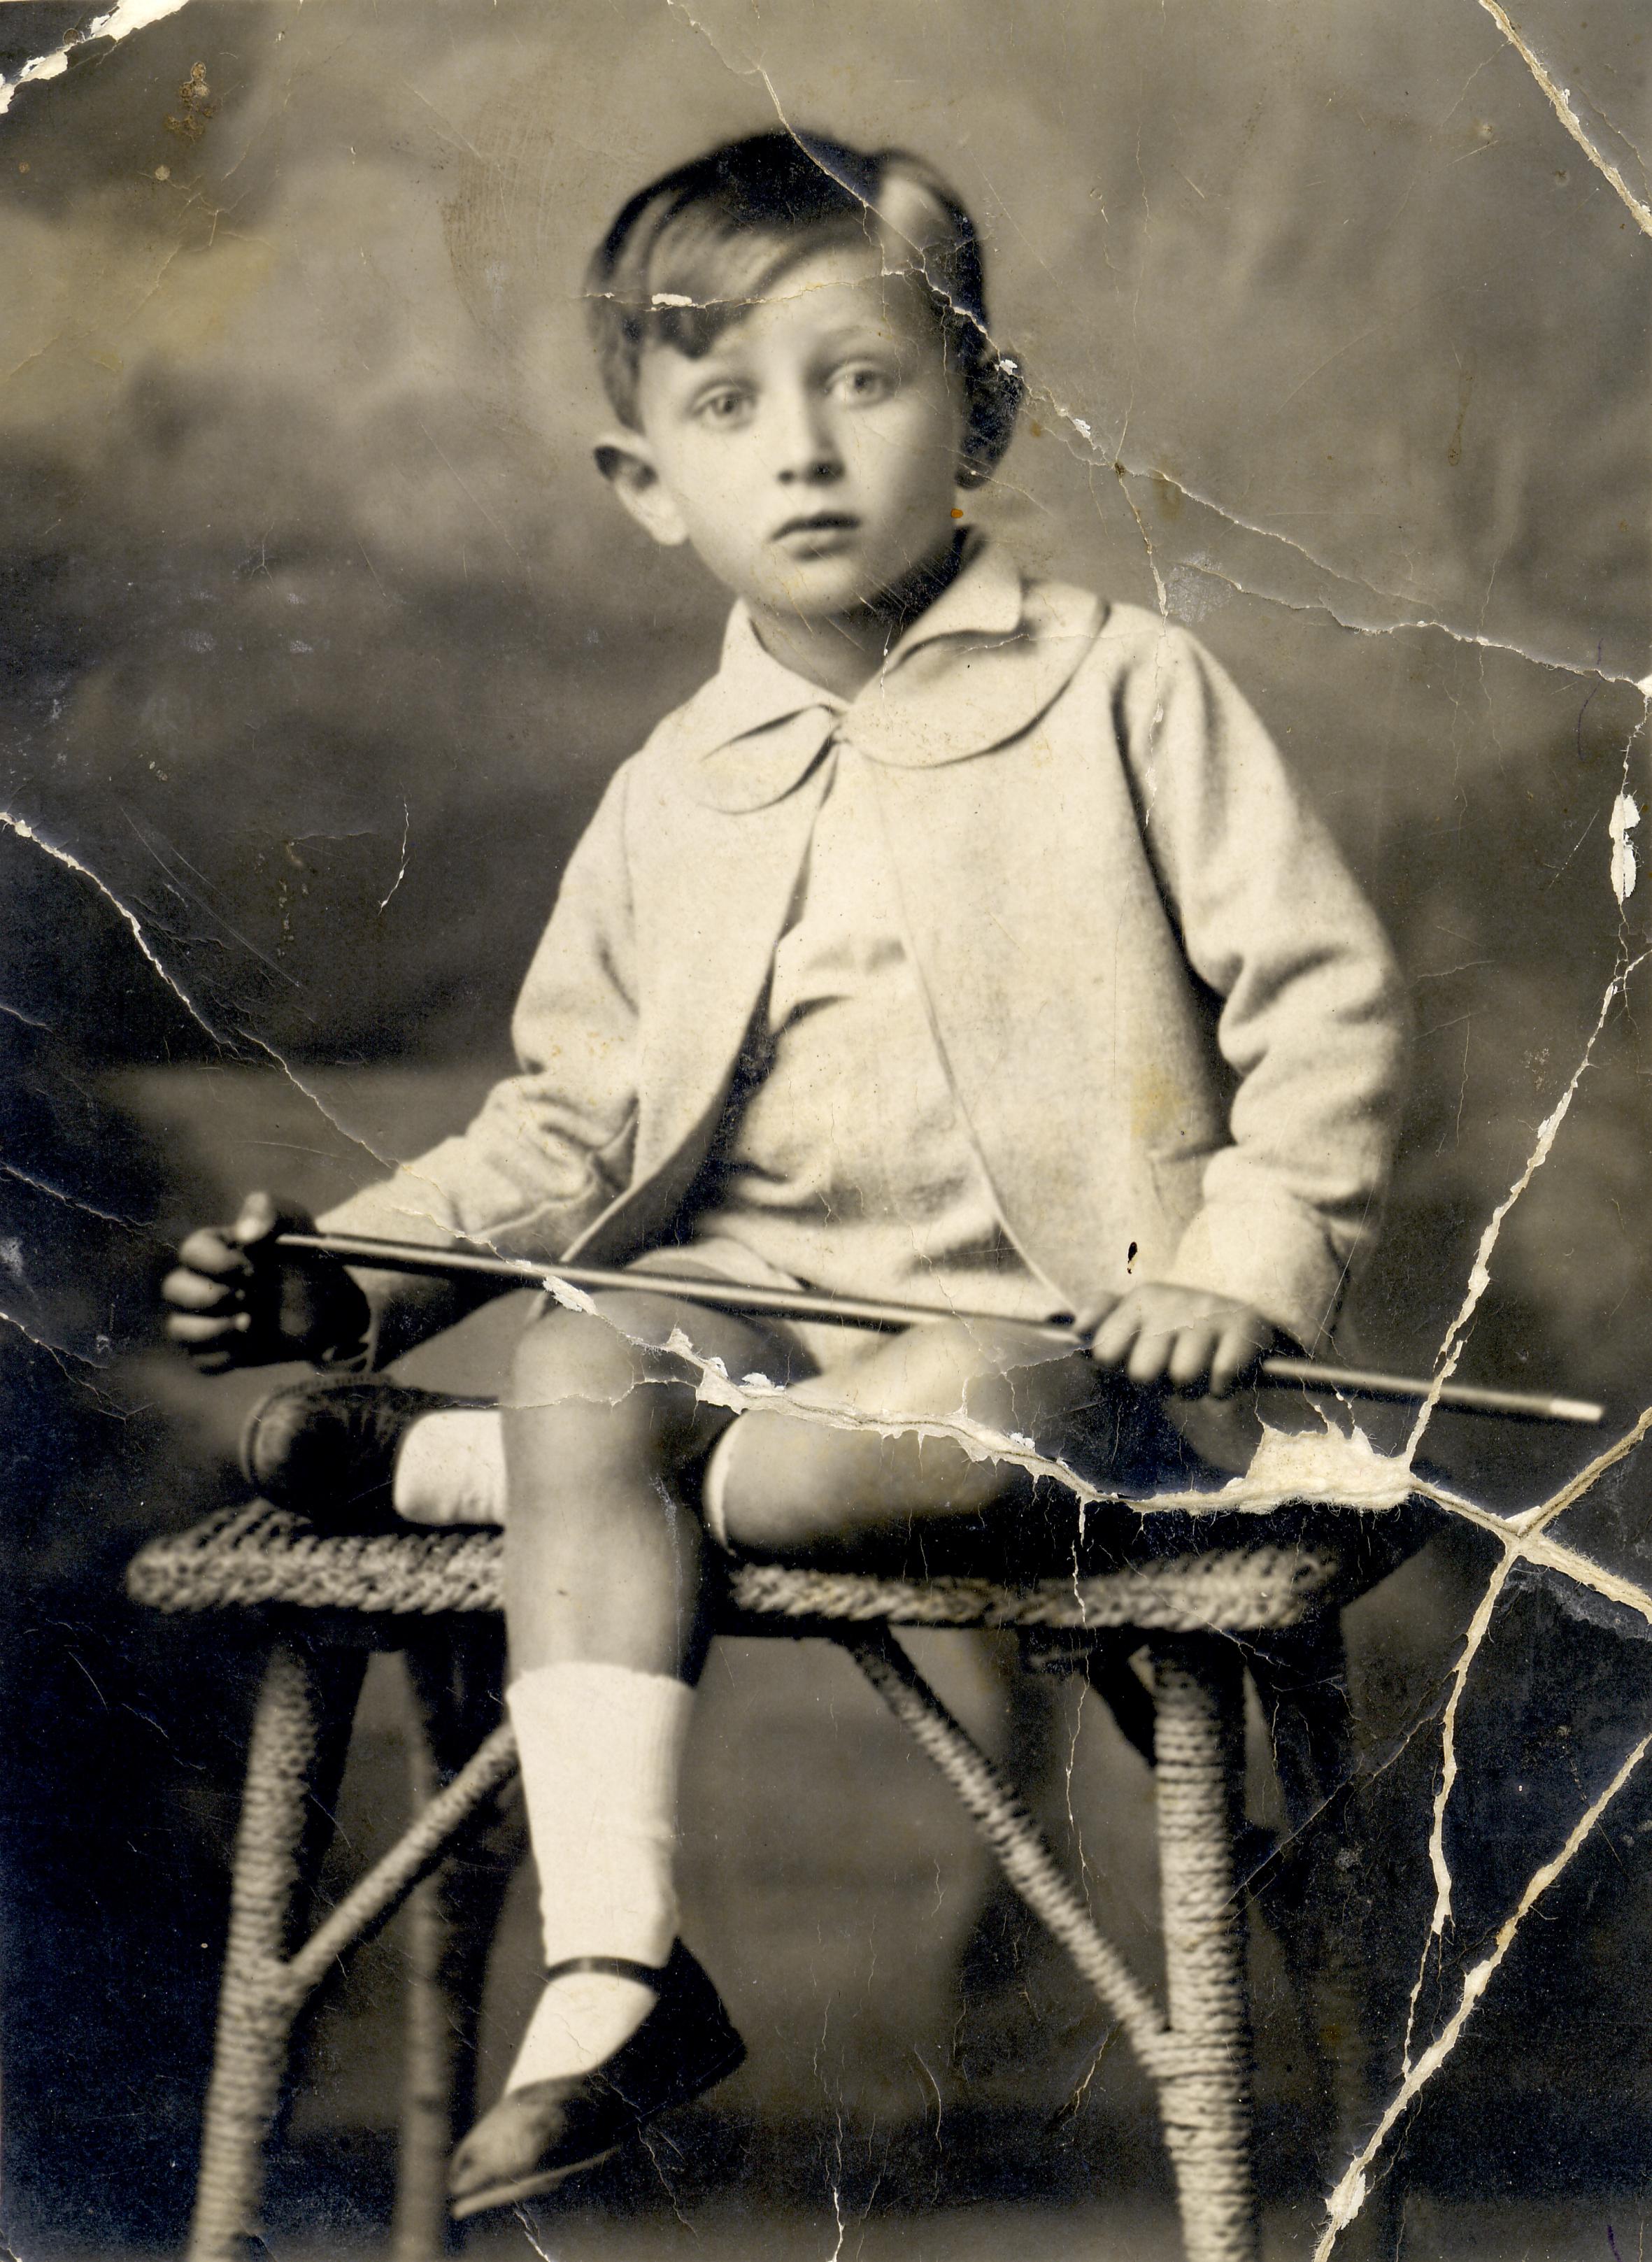 Mario Modiano